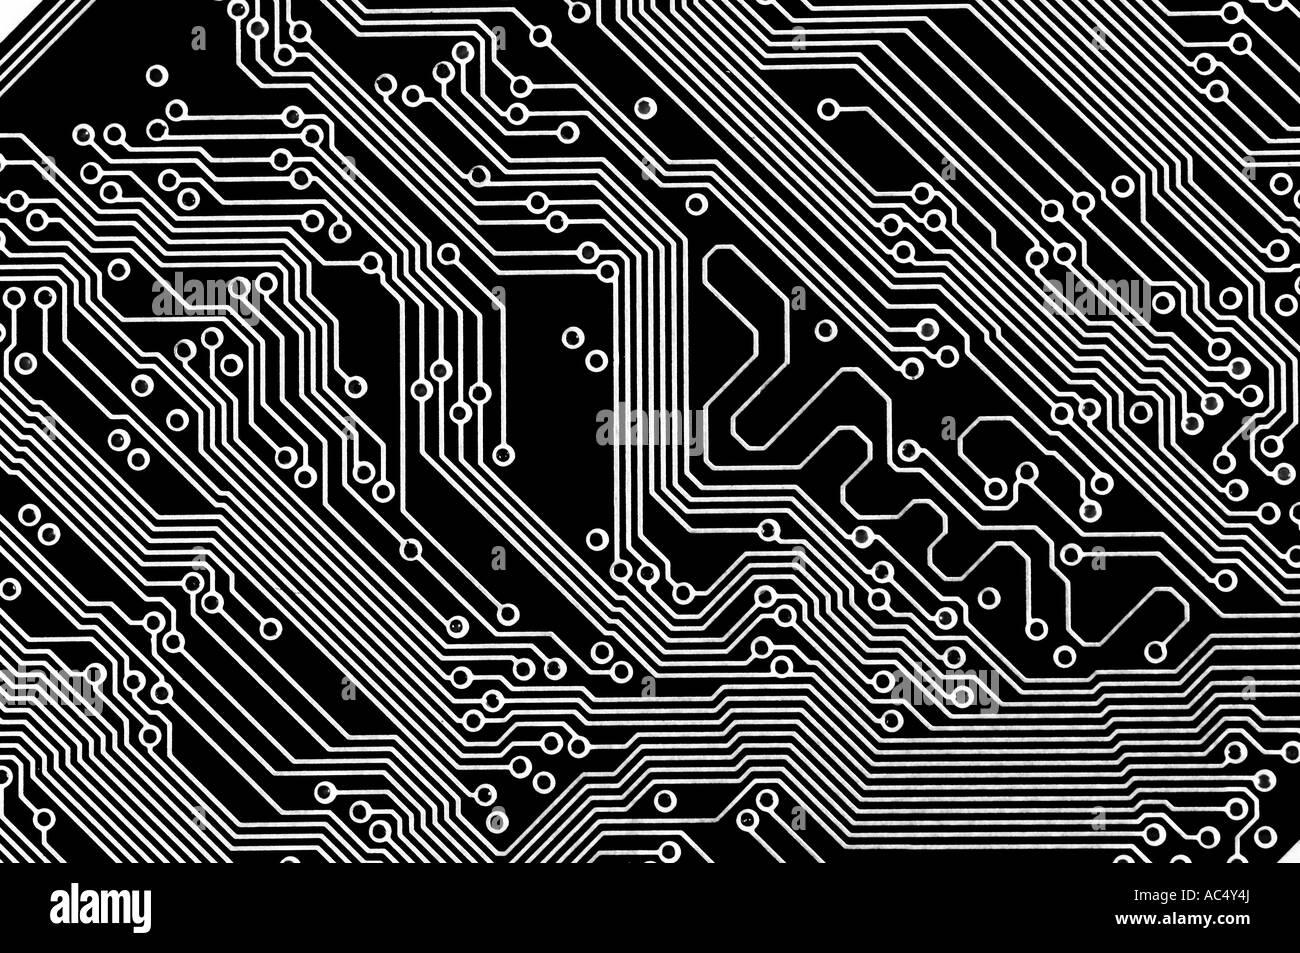 Black circuit board wallpaper